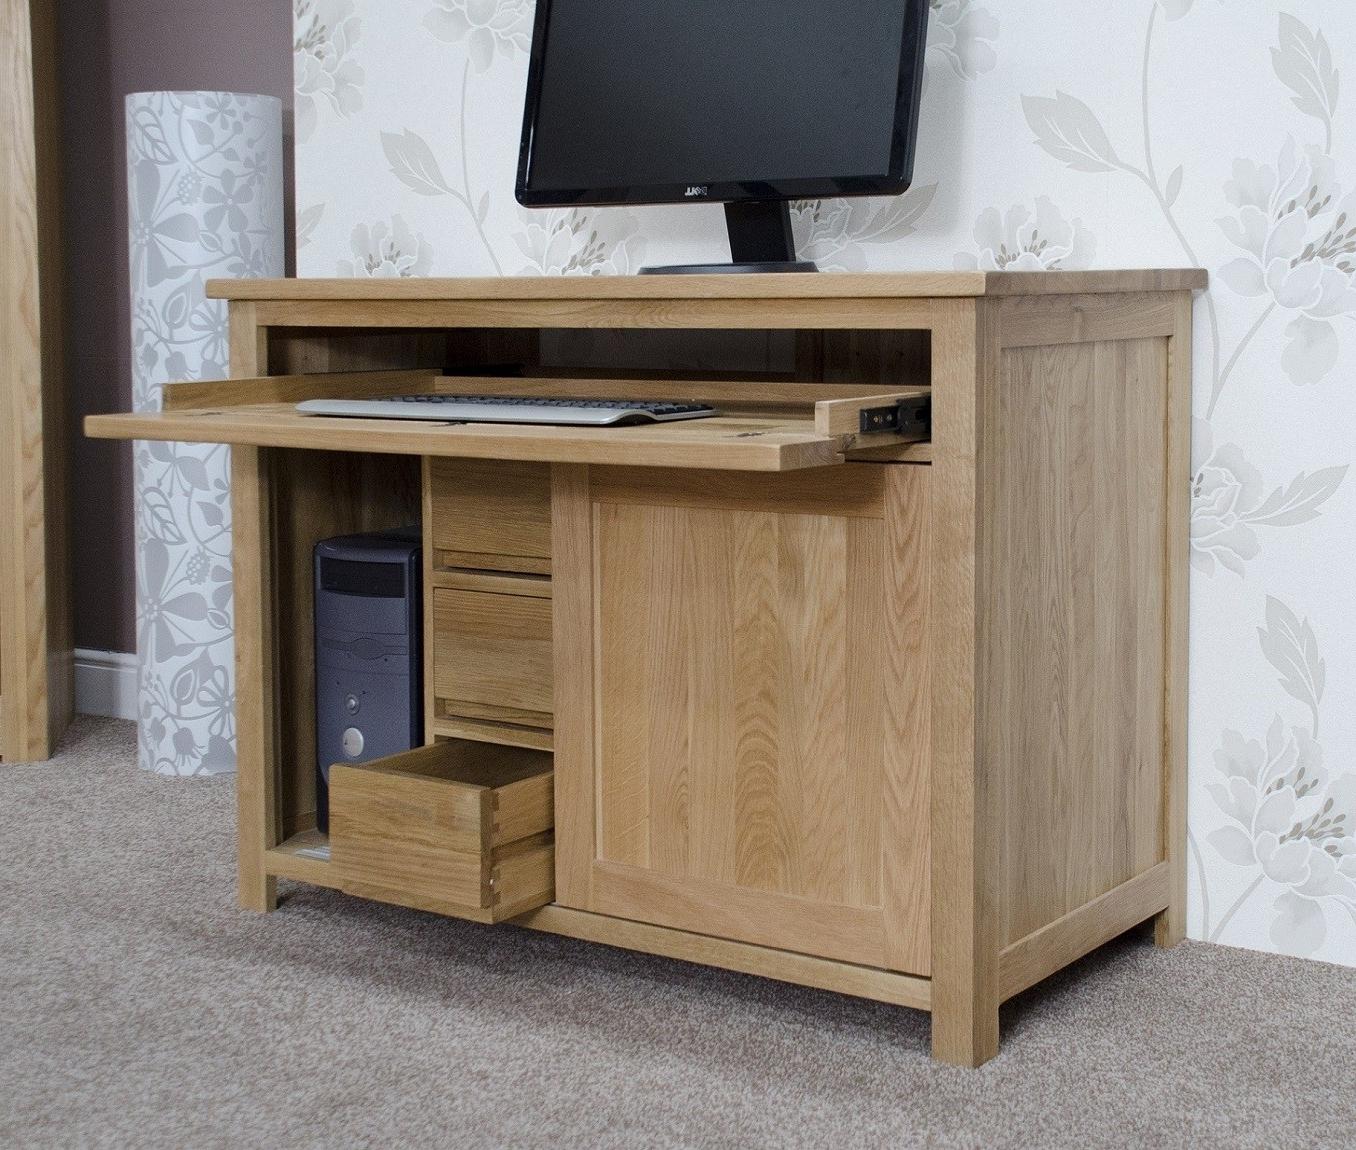 Oak Furniture Uk (View 15 of 20)